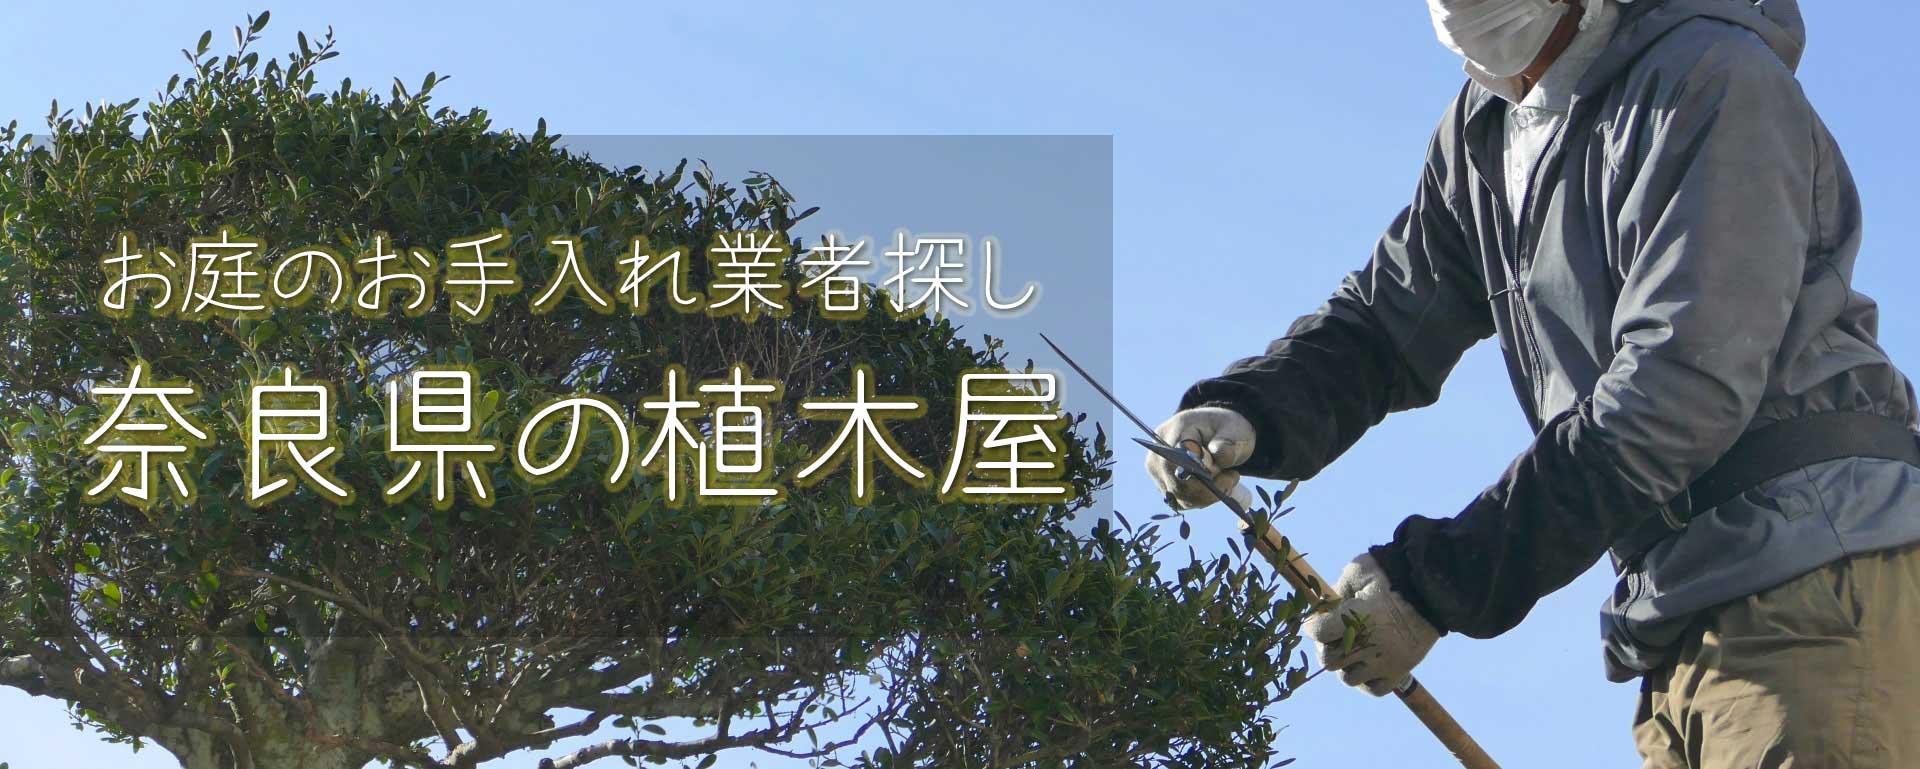 見積り無料の奈良県の植木屋